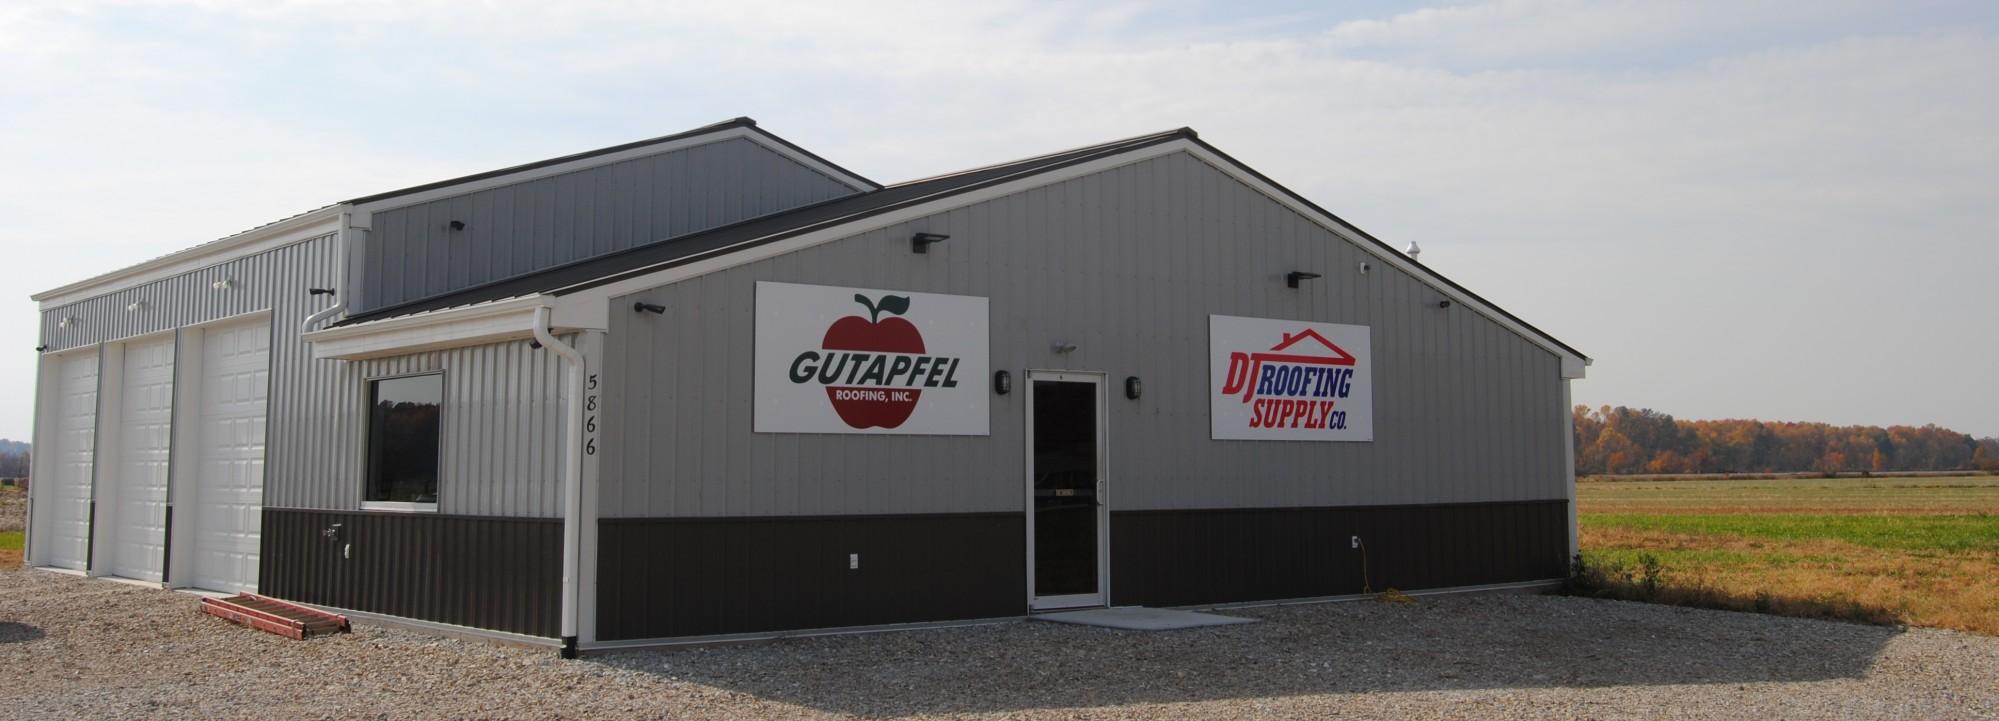 Gutapfel Roofing